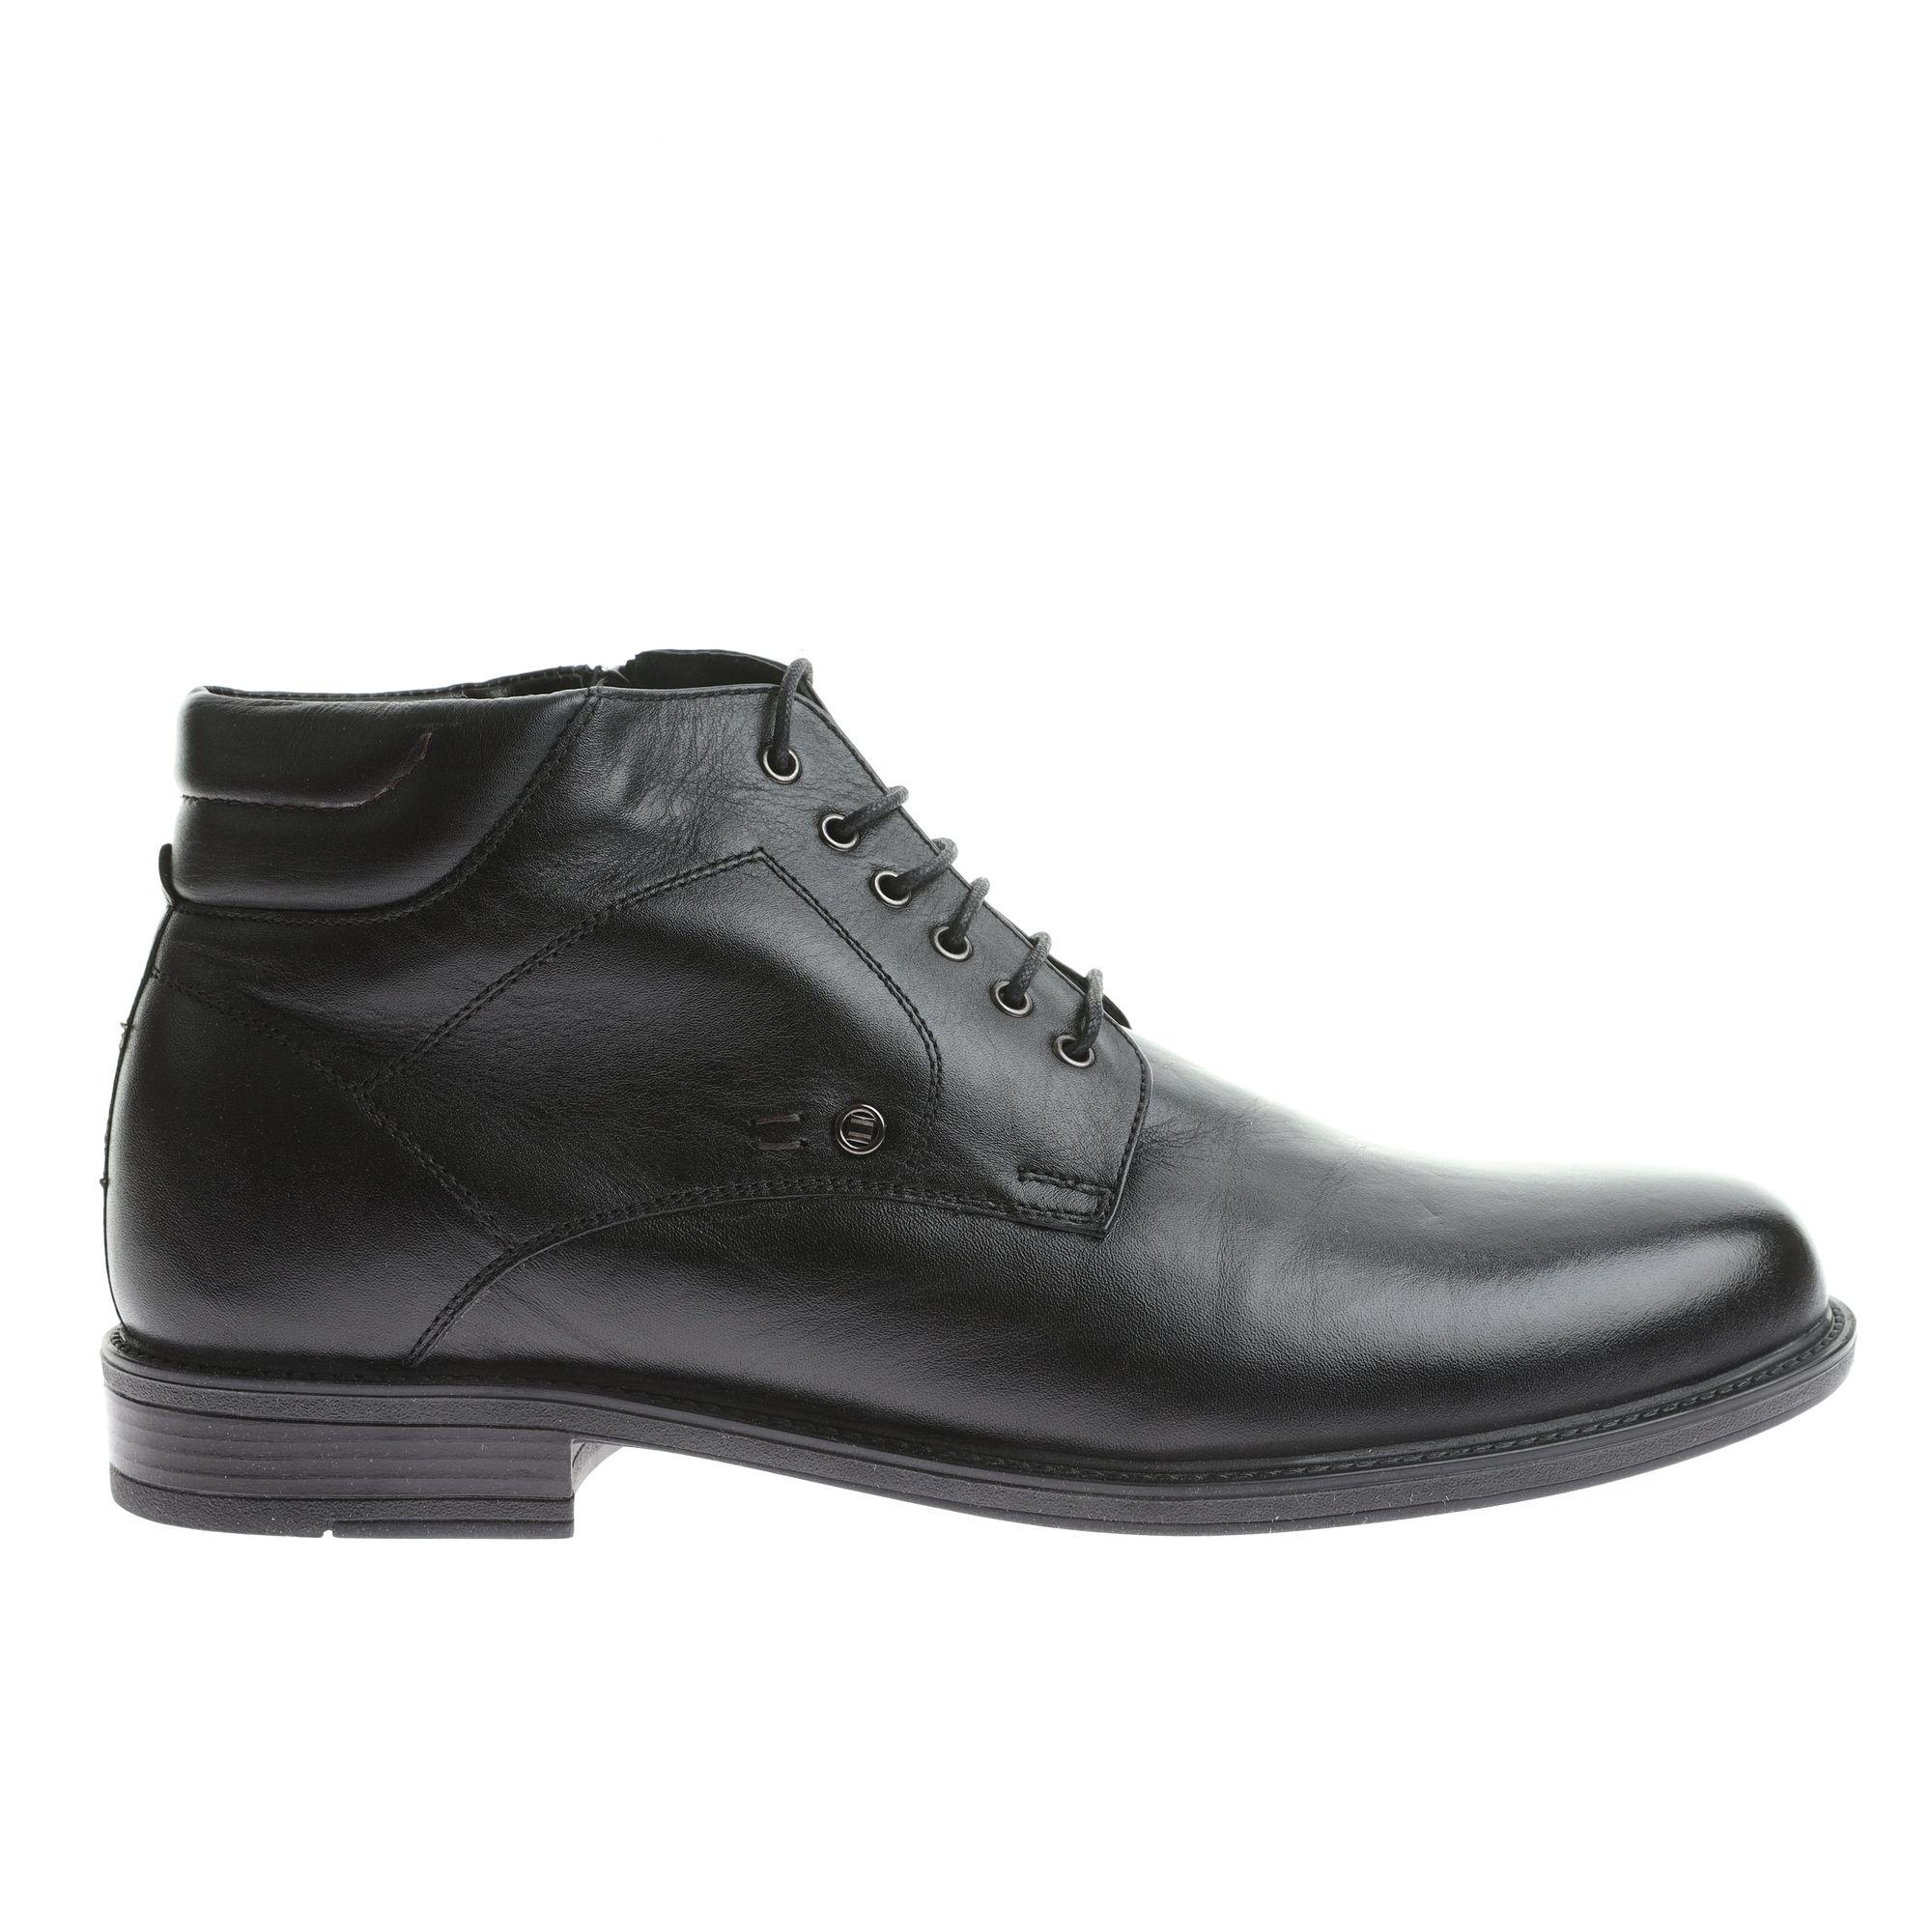 Ботинки Marc Cony